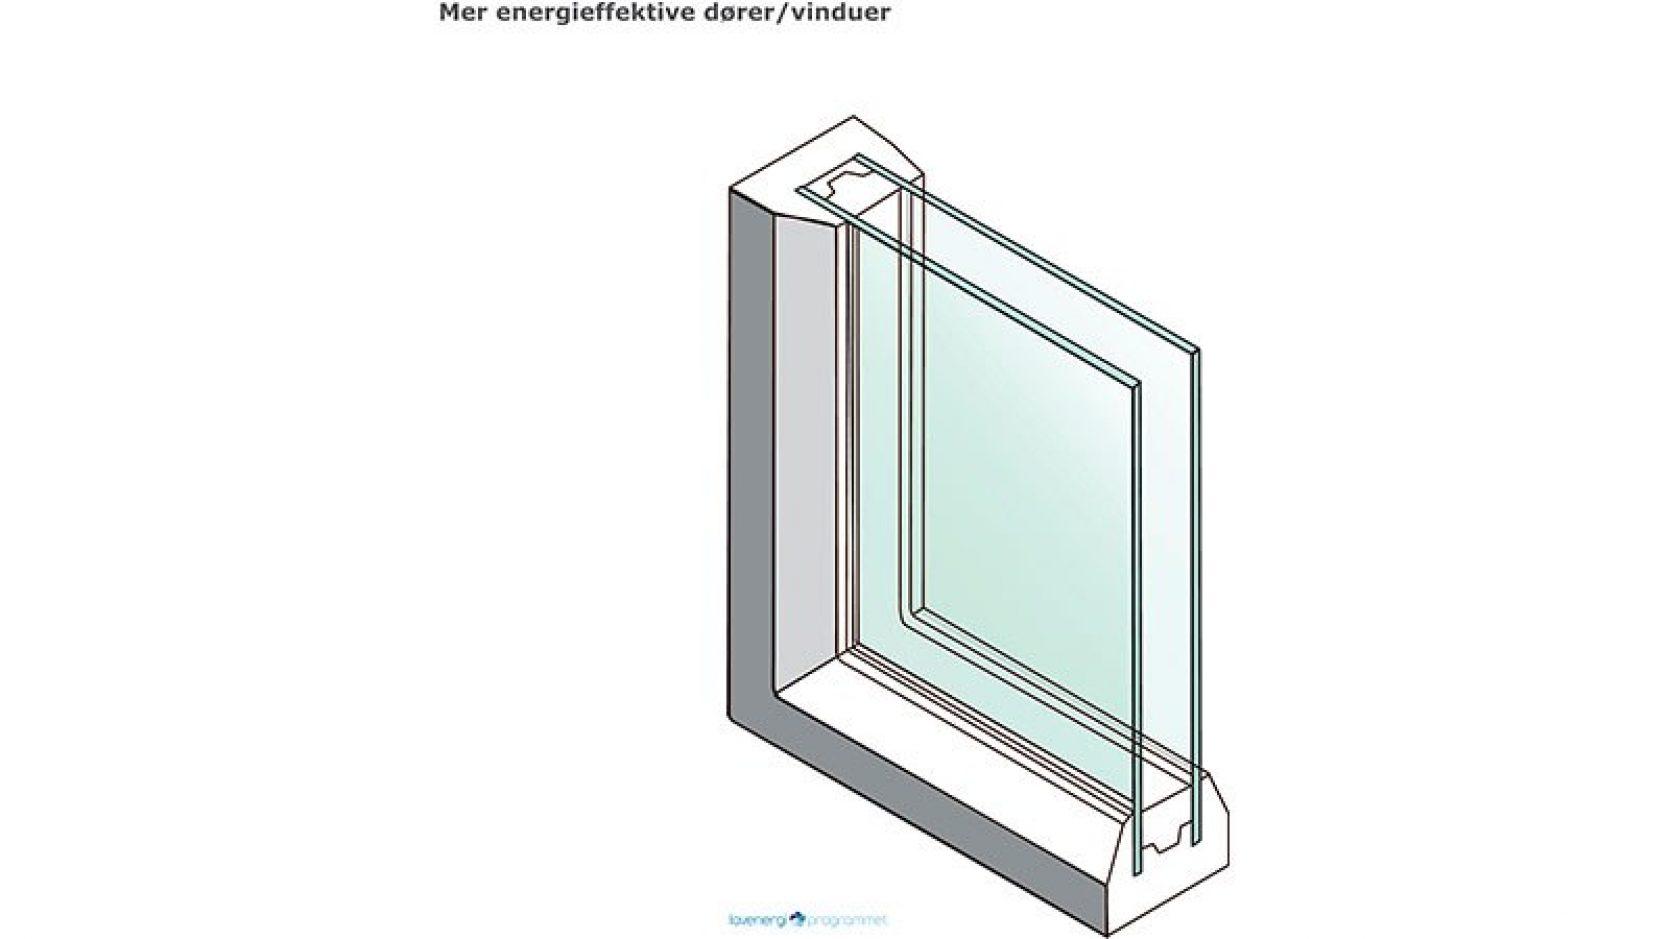 Illustrasjon av energieffektivt vindu